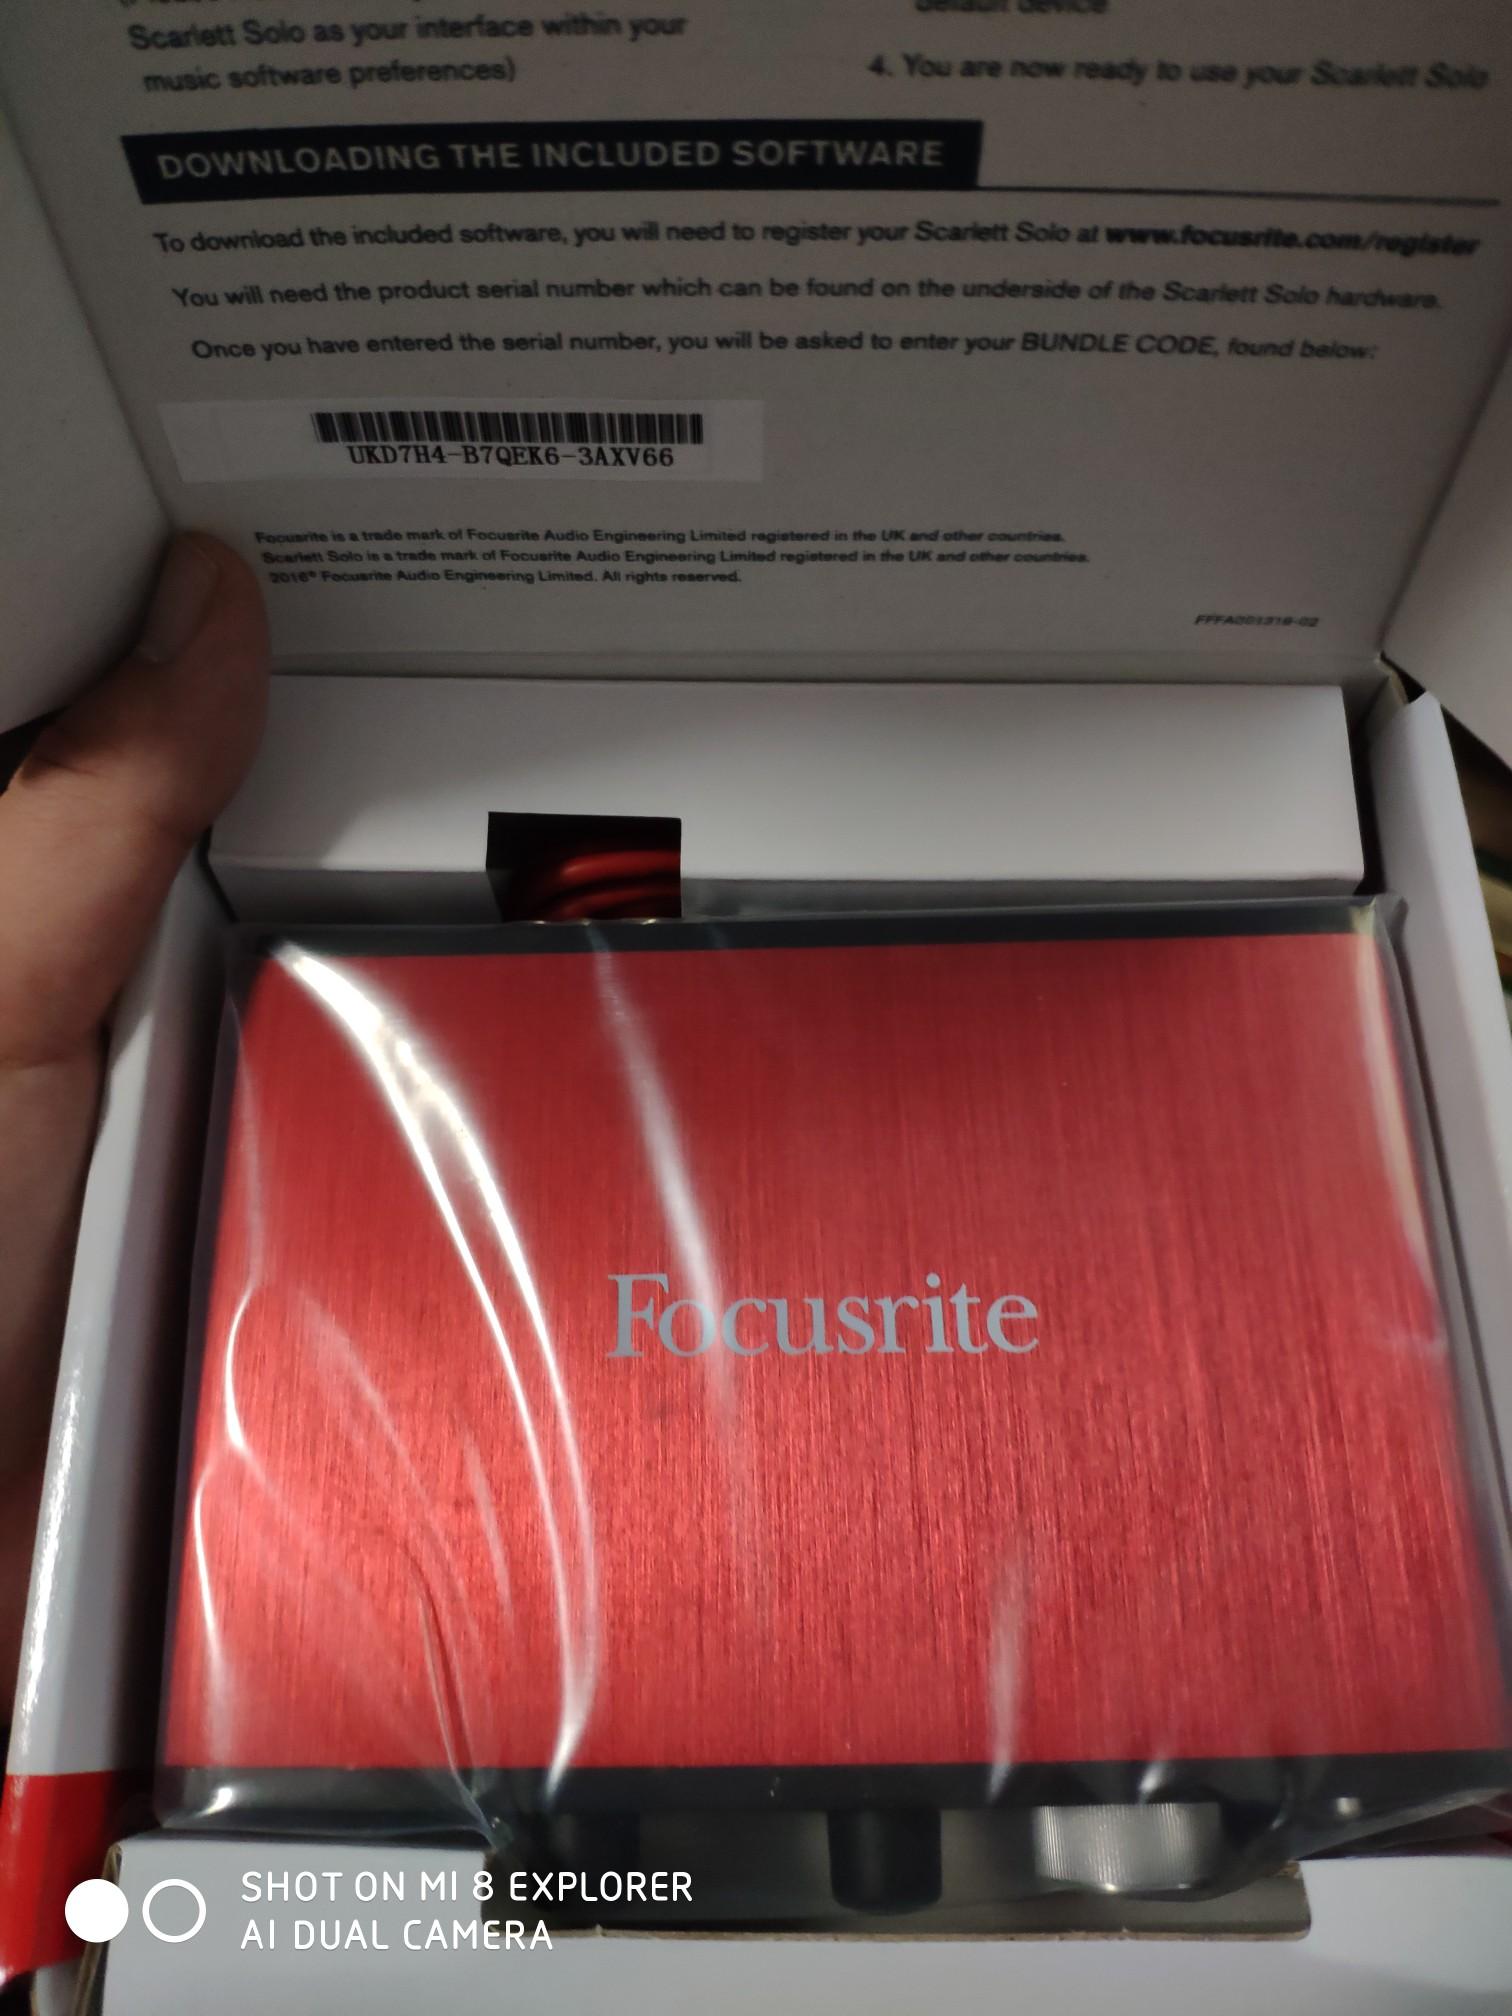 福克斯特Focusrite Scarlett Solo 外置USB专业录音编曲配音声卡